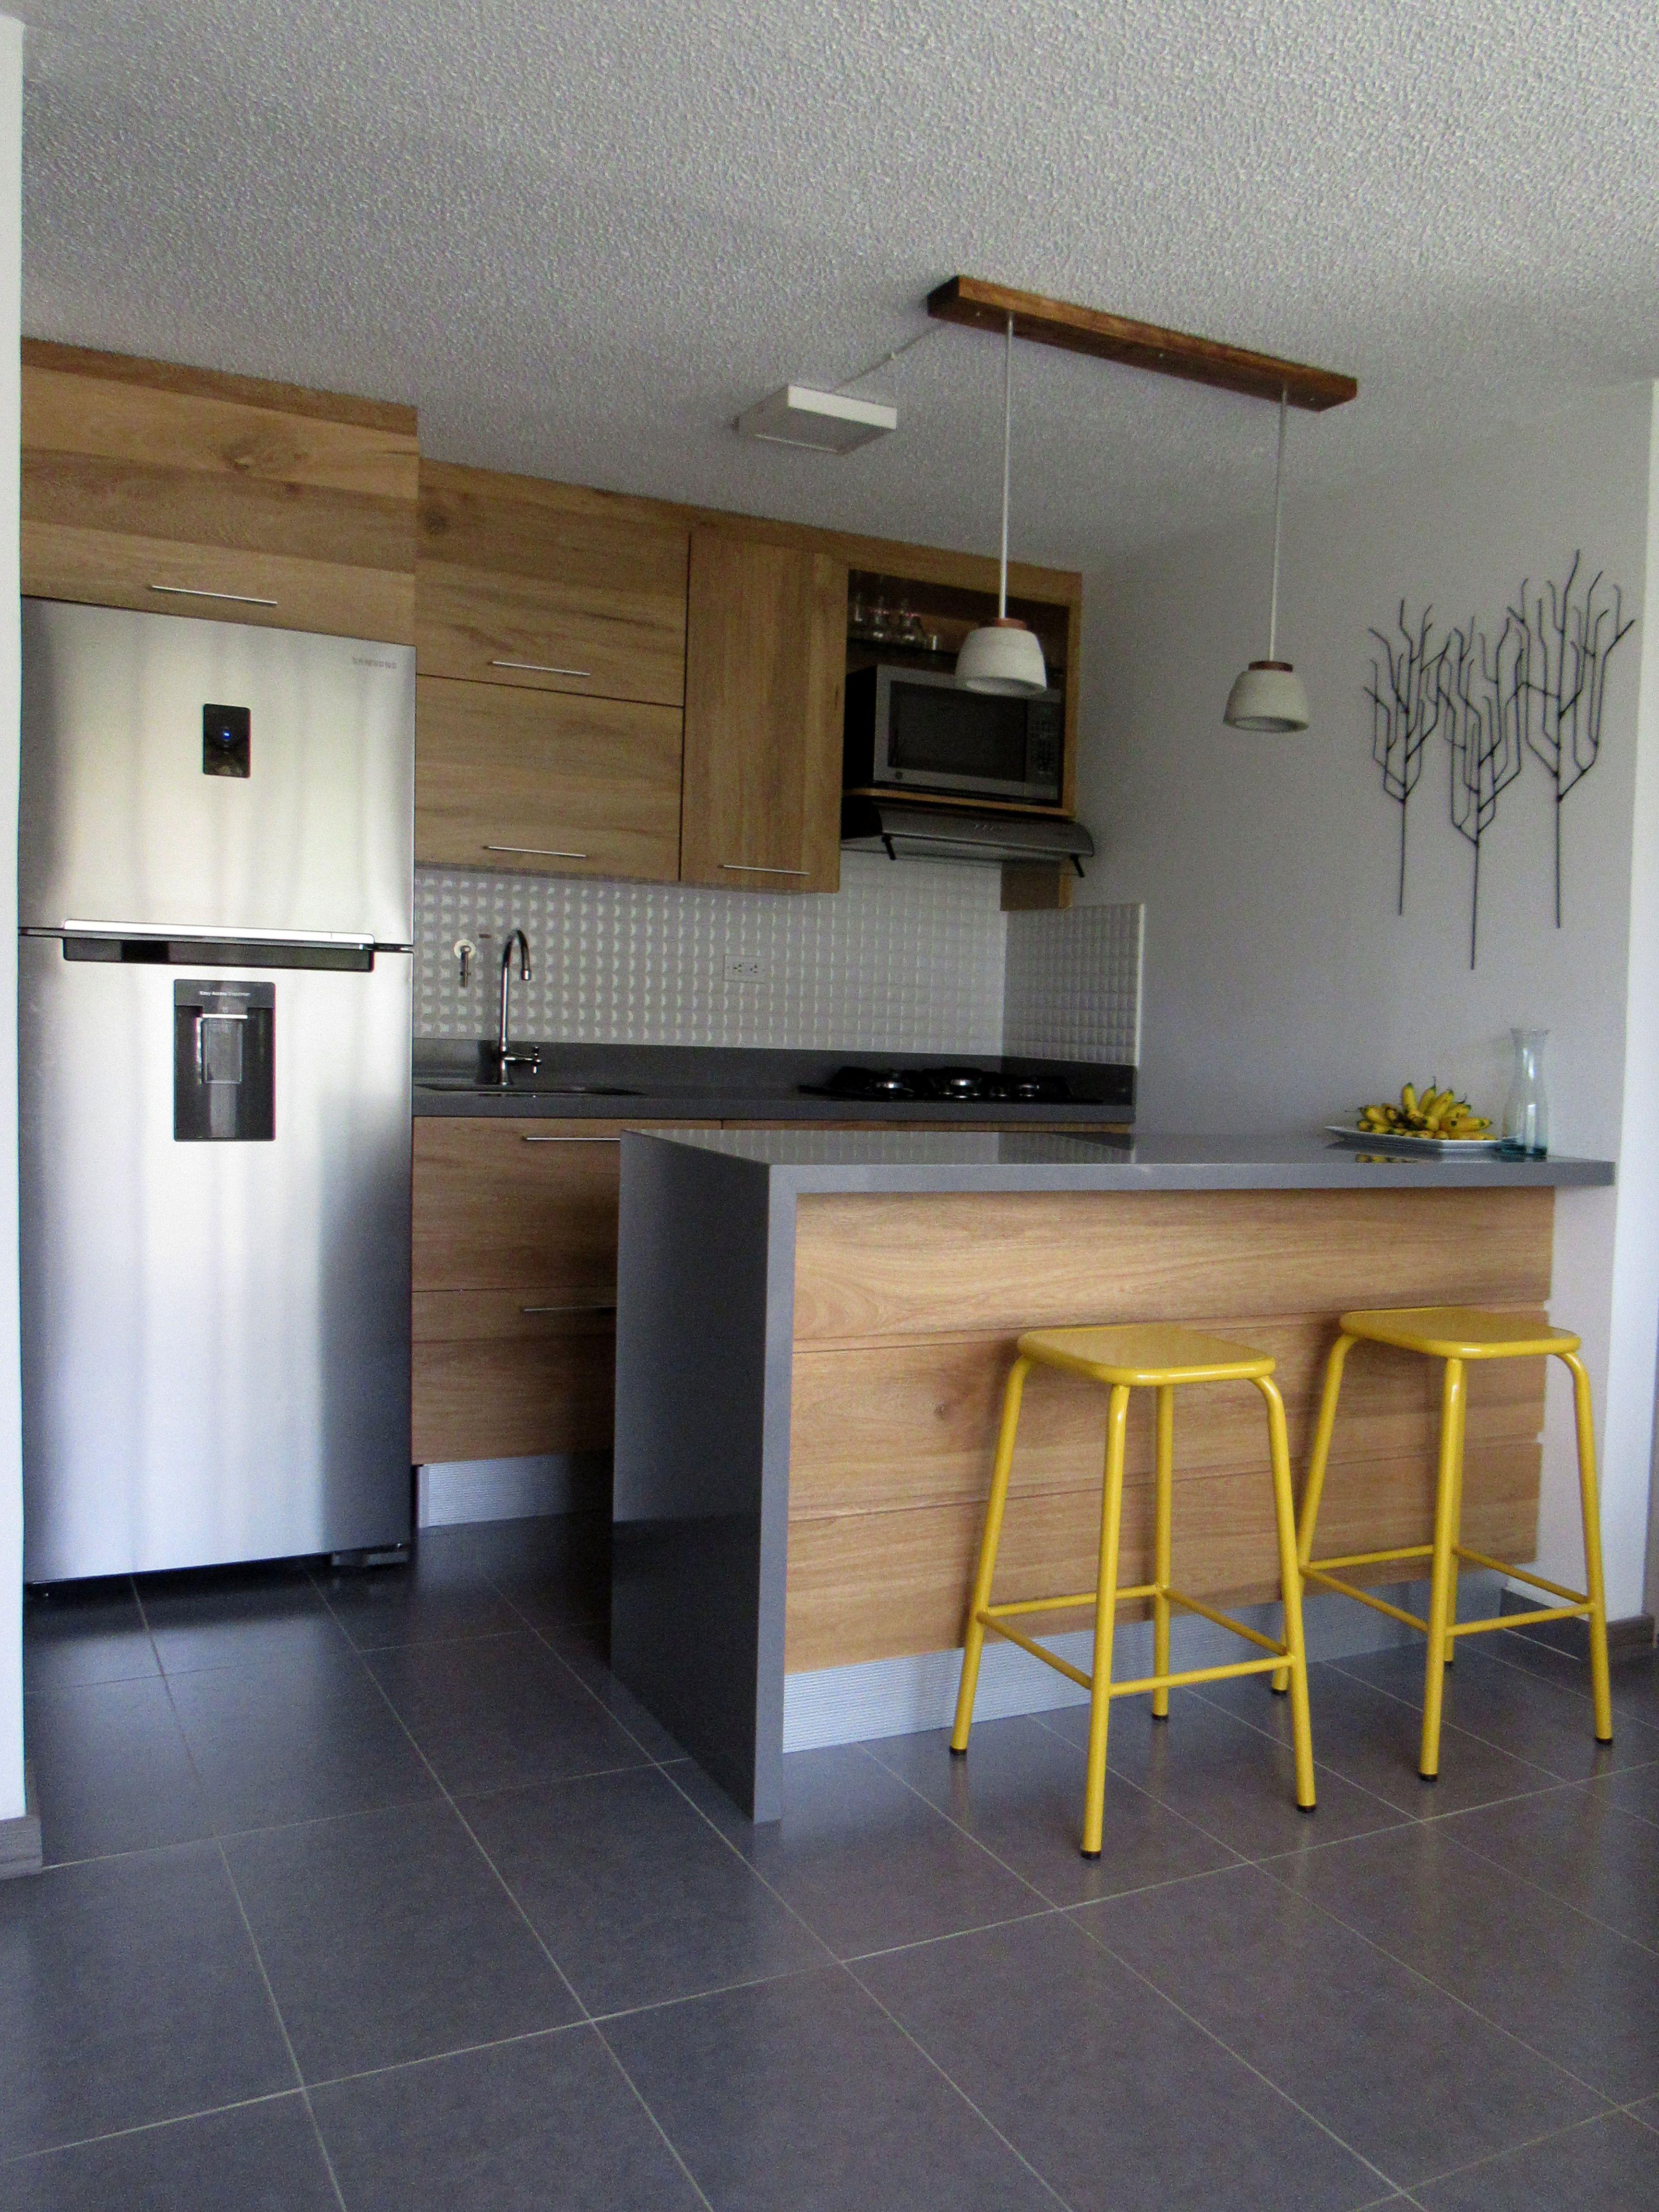 Cocina para apartamento en itag antioquia ajustada a for Cocinas pequenas disenos modernos